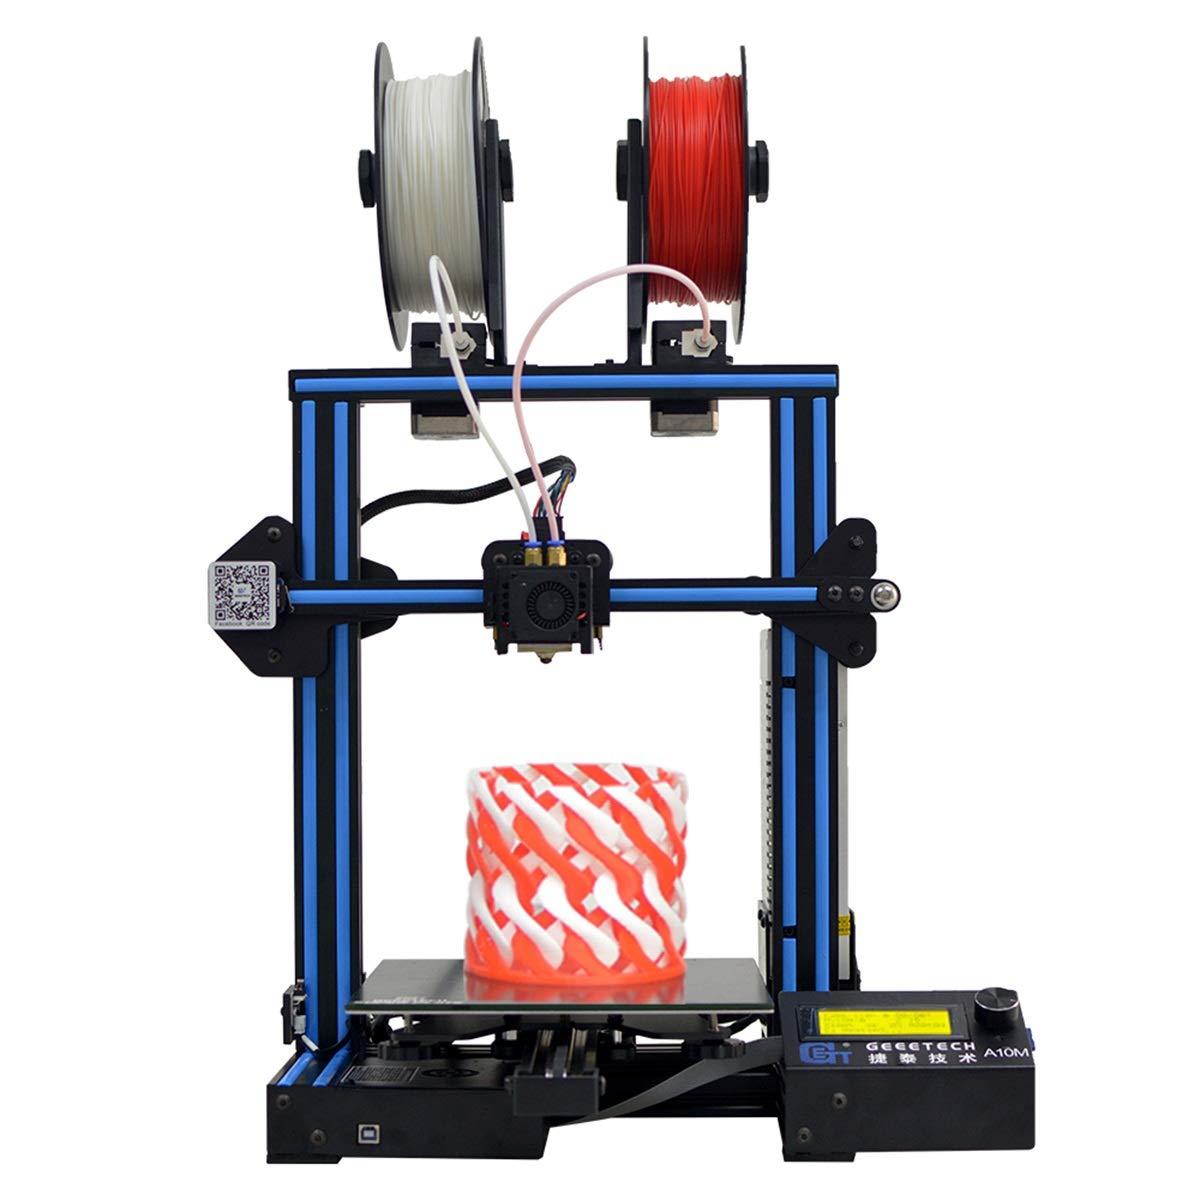 GEEETECH Imprimante 3D A10M avec impression multi-couleurs, double extrudeur, détecteur de fin de filament, fonction reprise d'impression après coupure, kit type Prusa i3 à assemblage rapide